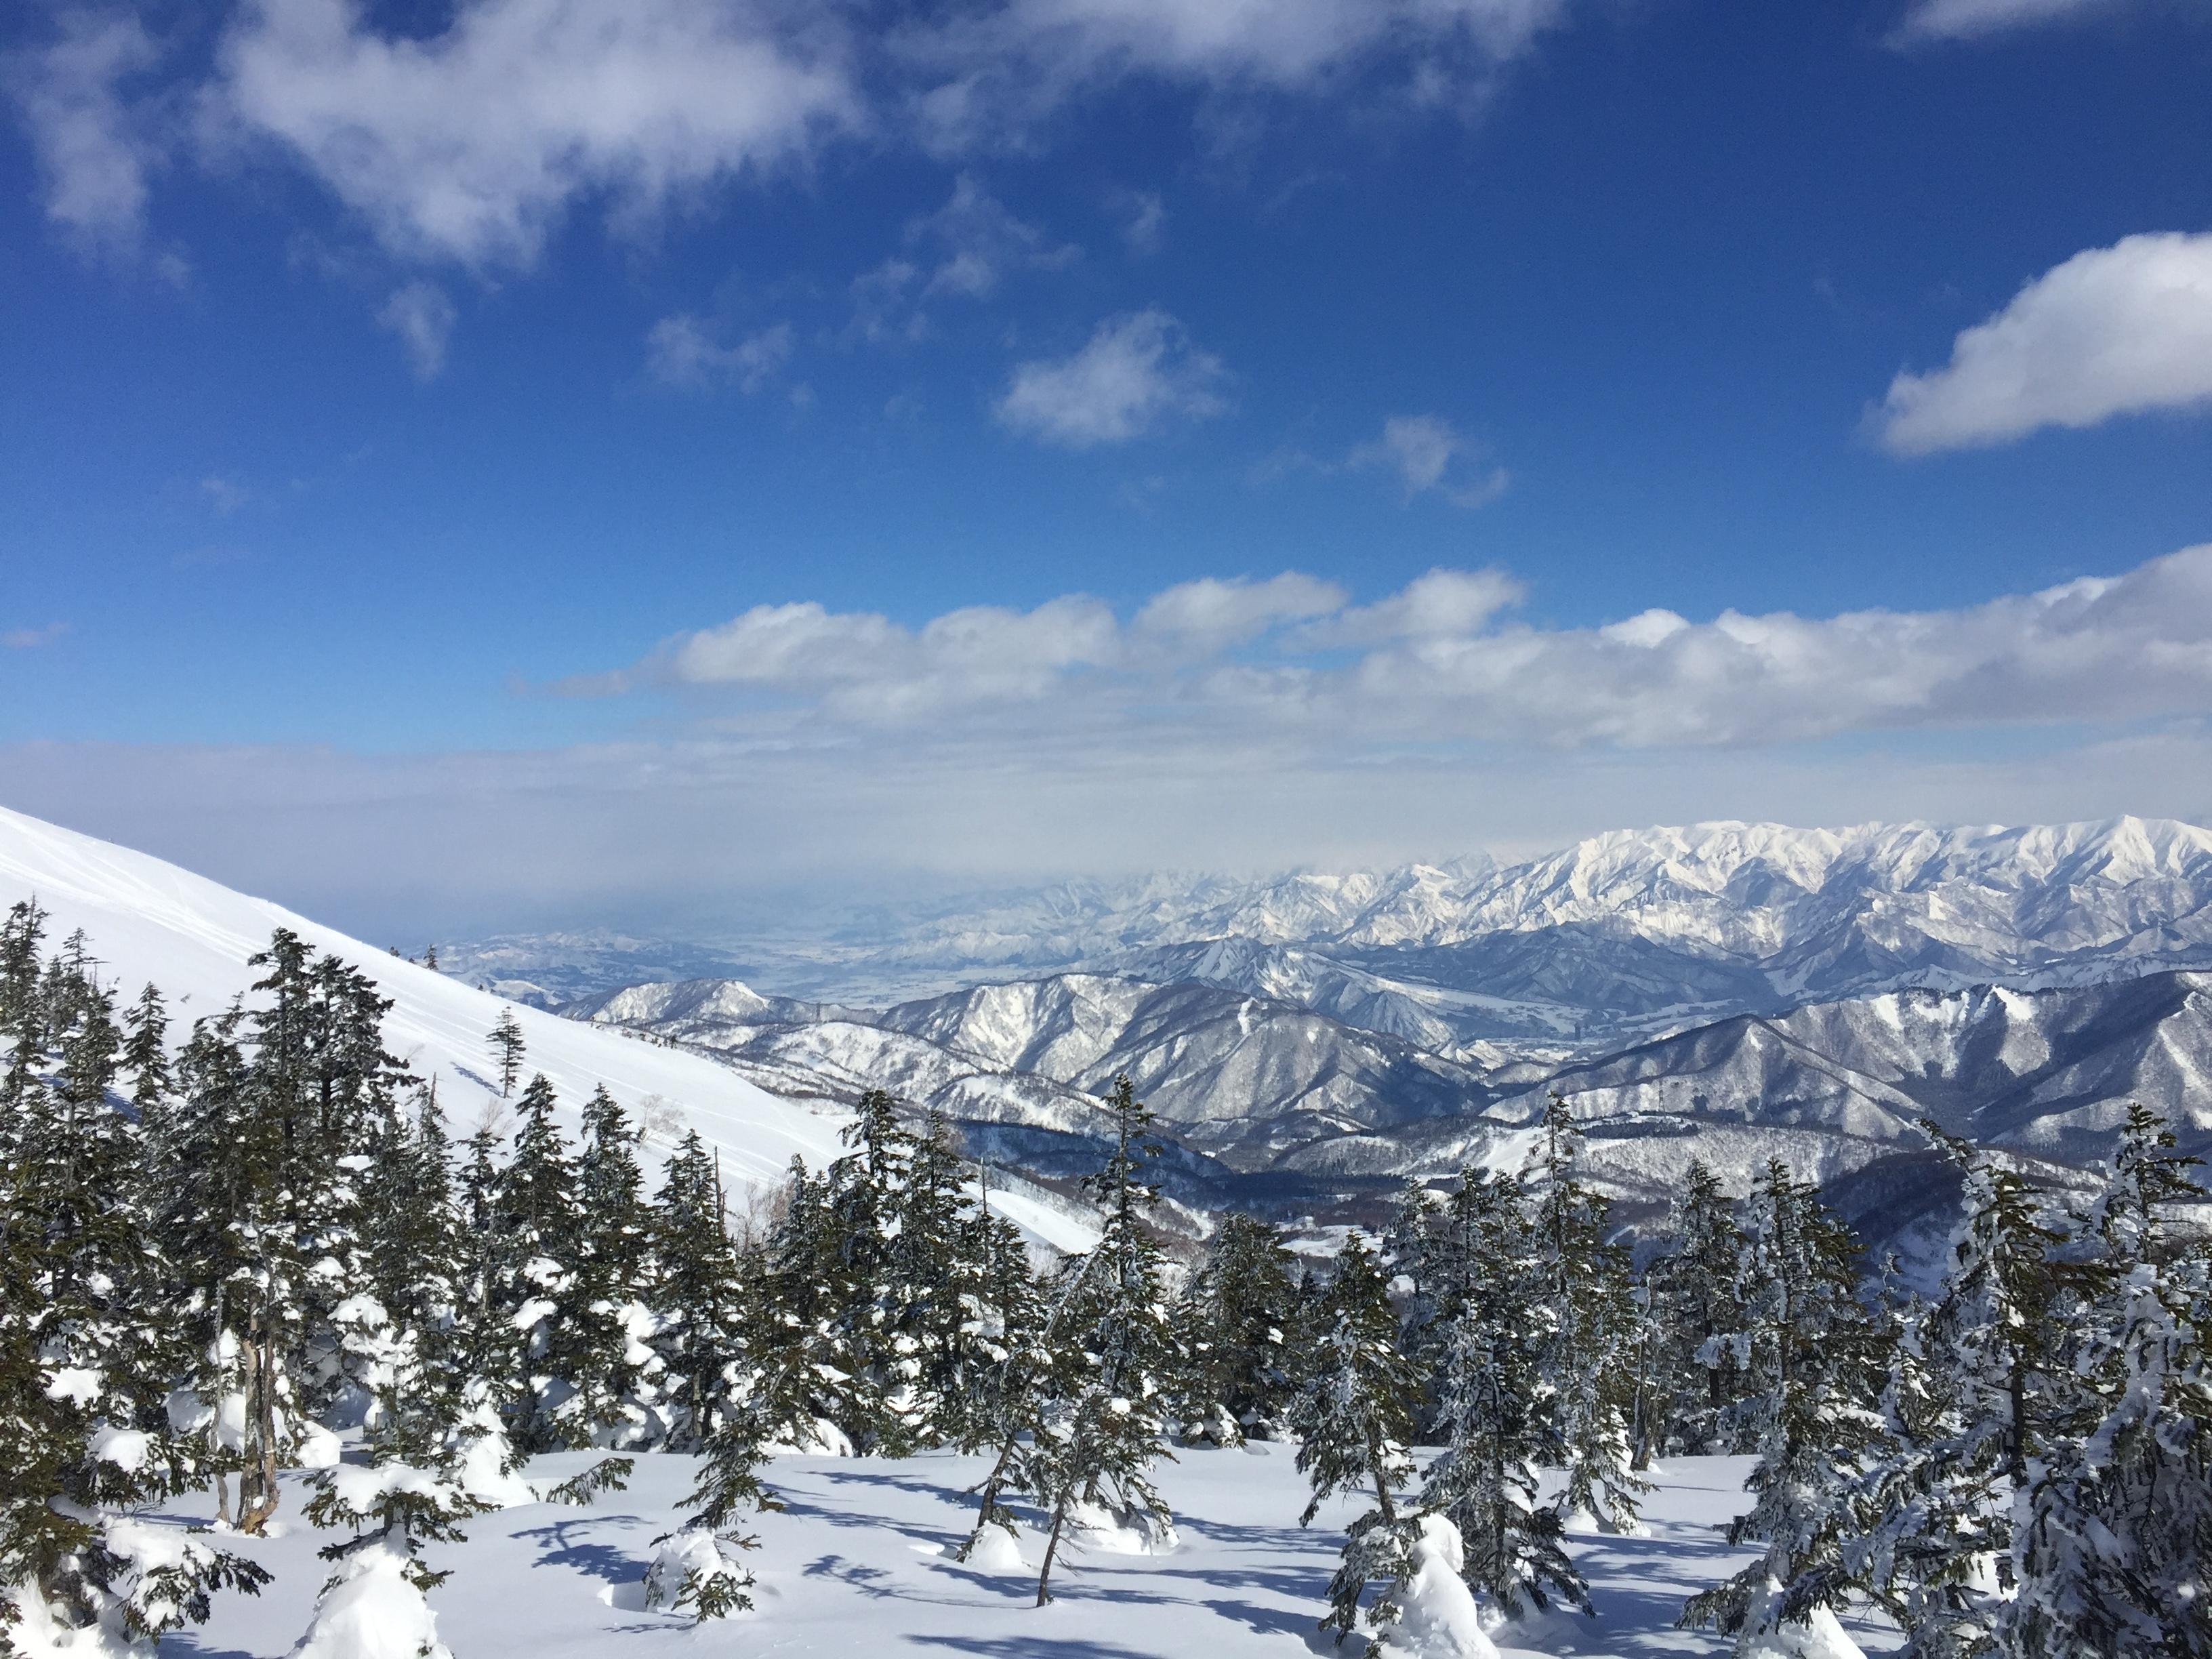 ピーカンかぐら最高かよ。2017.1.22 Snowboardしてきた